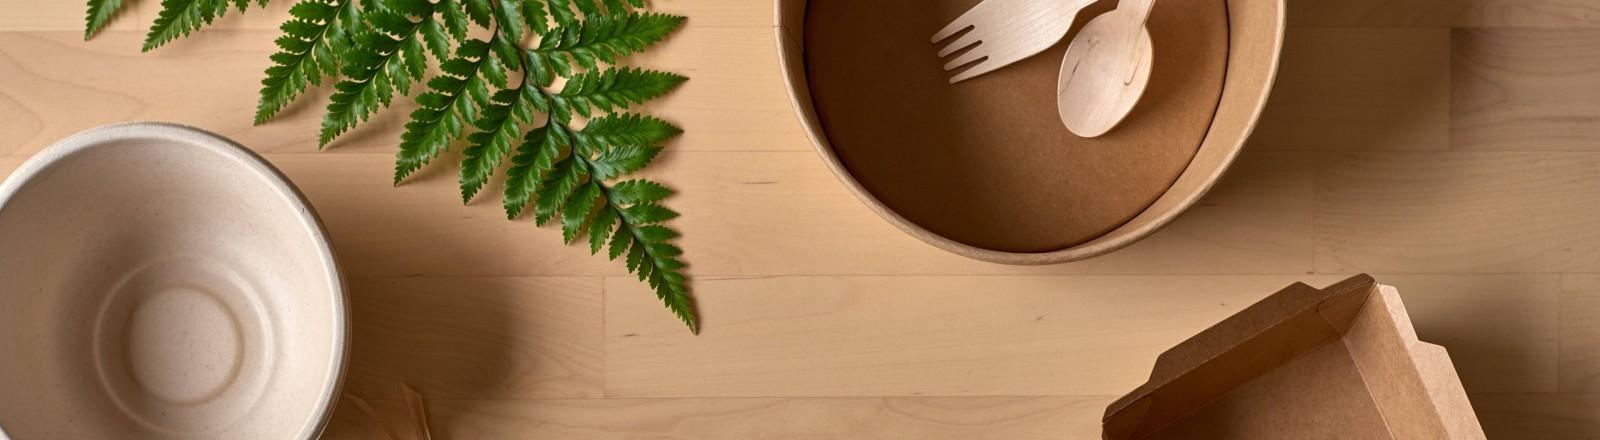 Einweggeschirr auch nachhaltigen Materialien